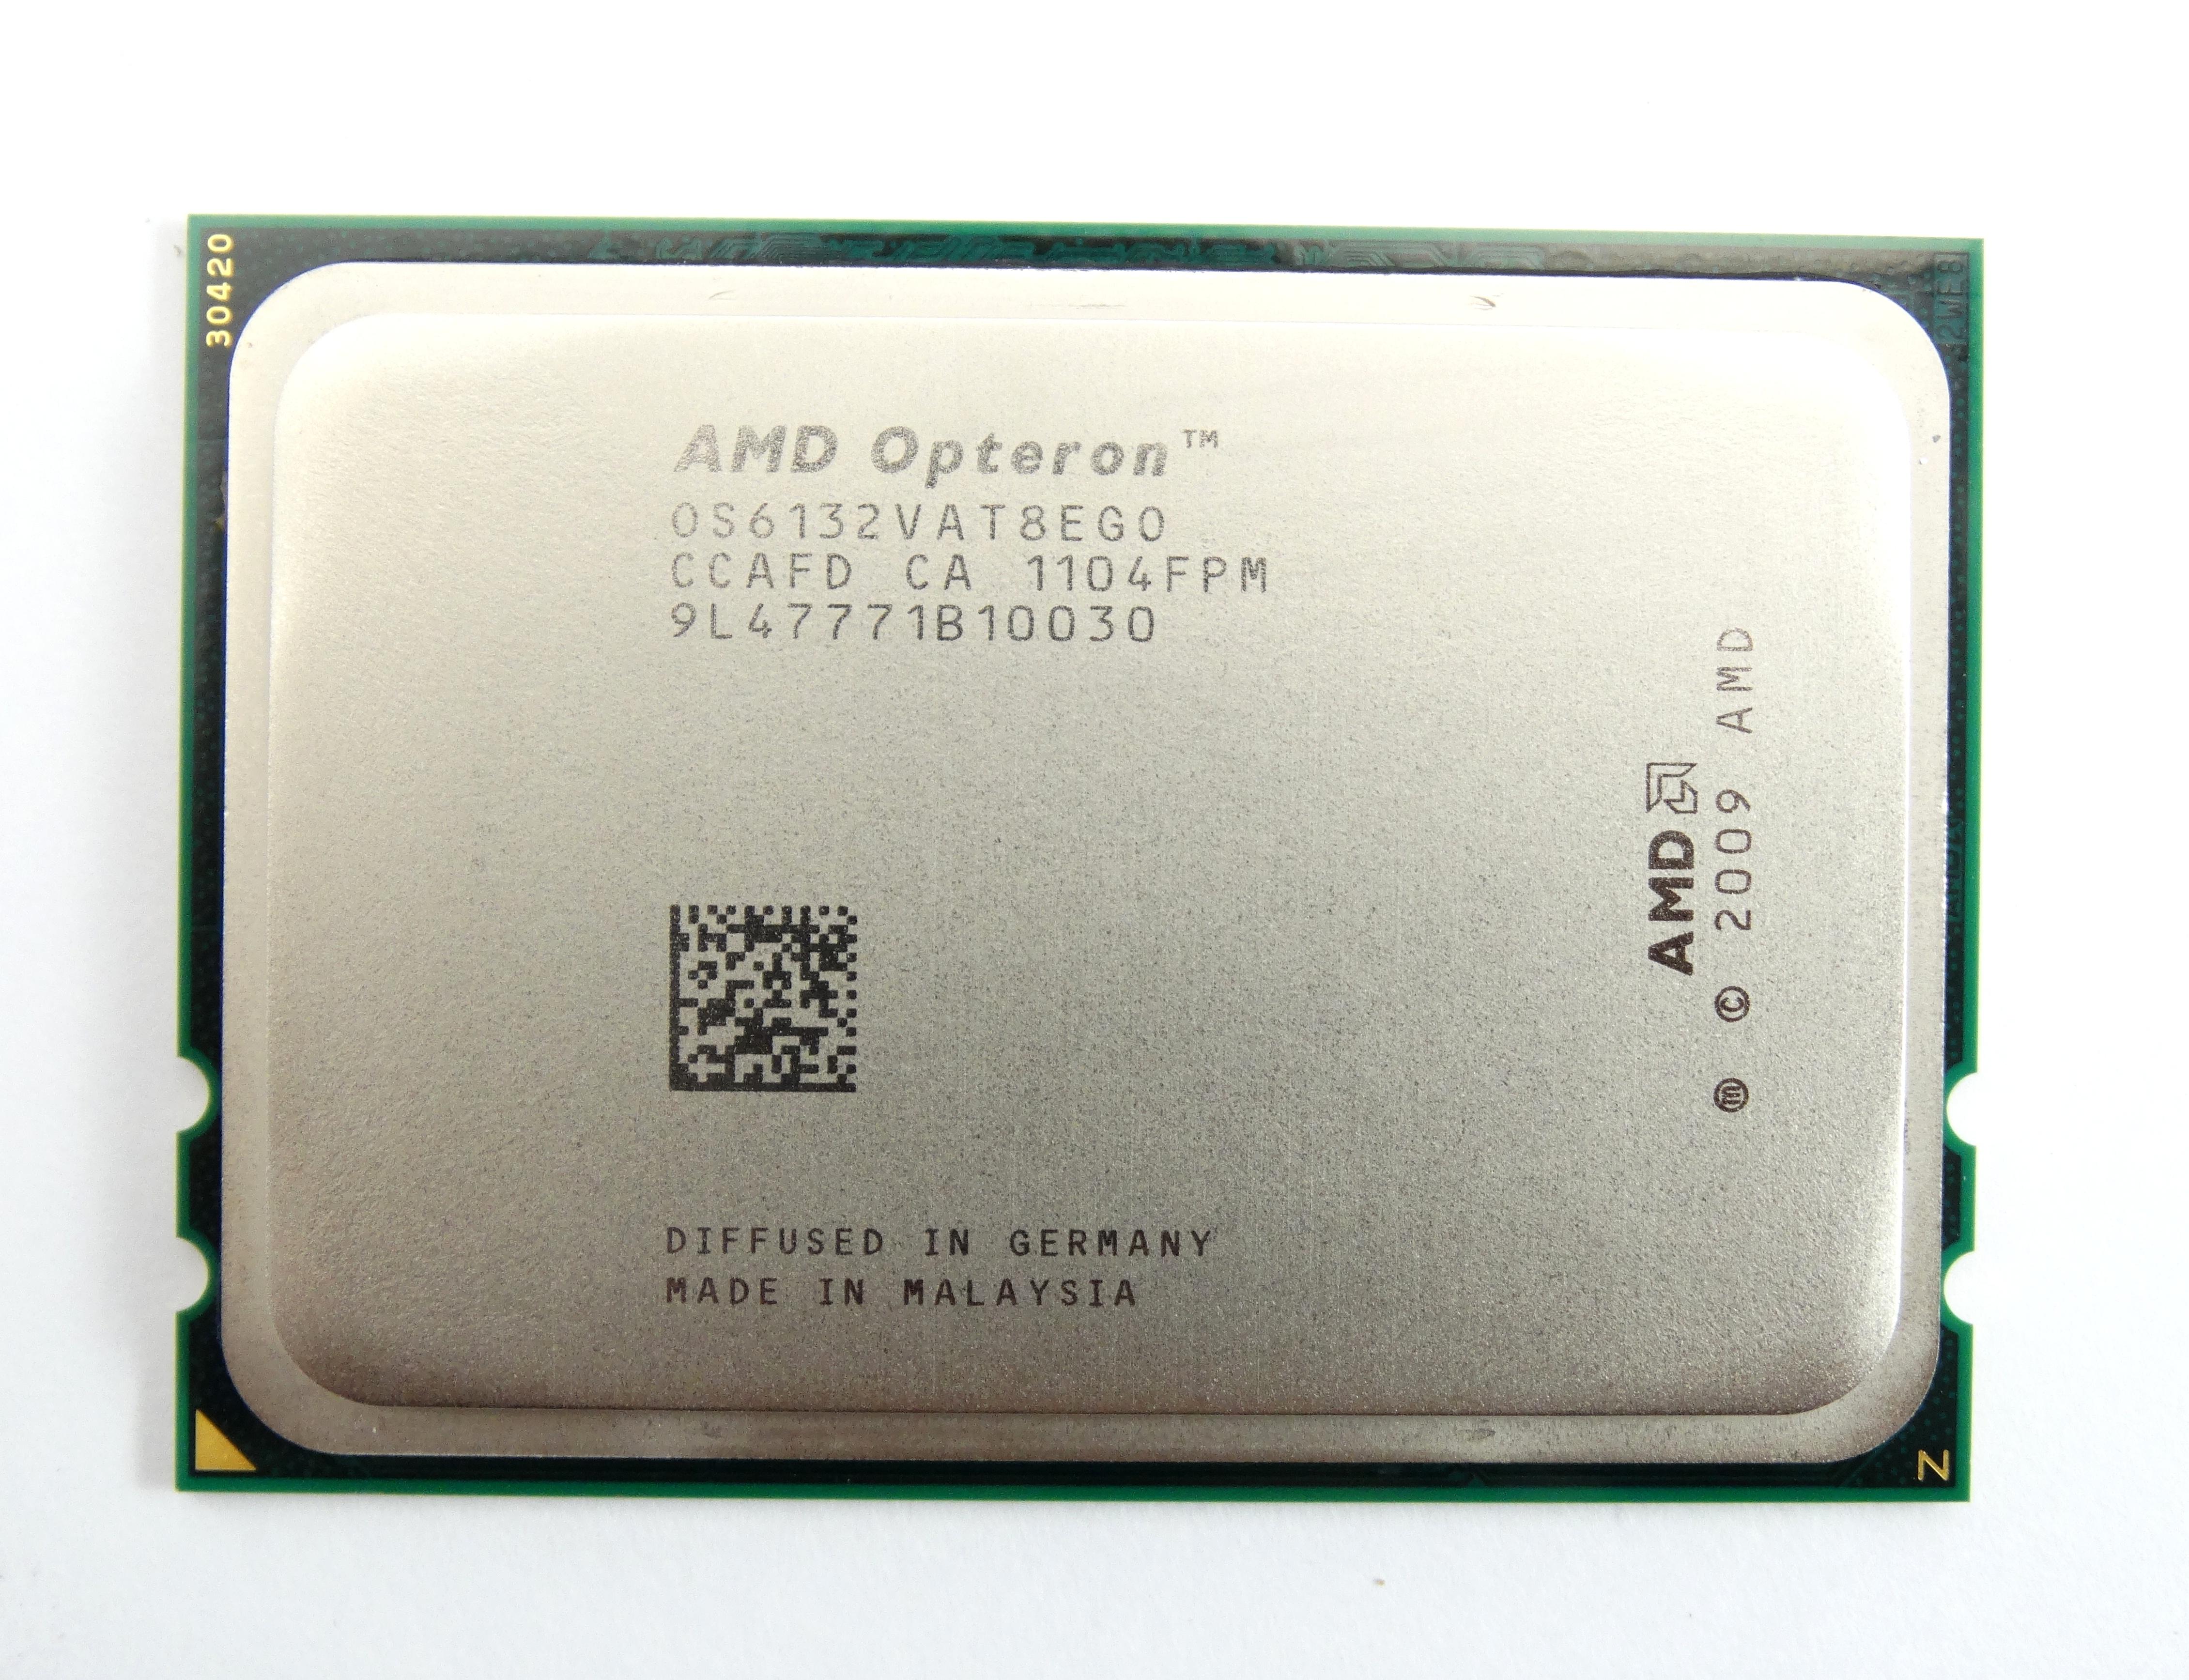 AMD Opteron 6132 2.2GHz 8Core G34 Socket Server Processor (OS6132VAT8EGO)